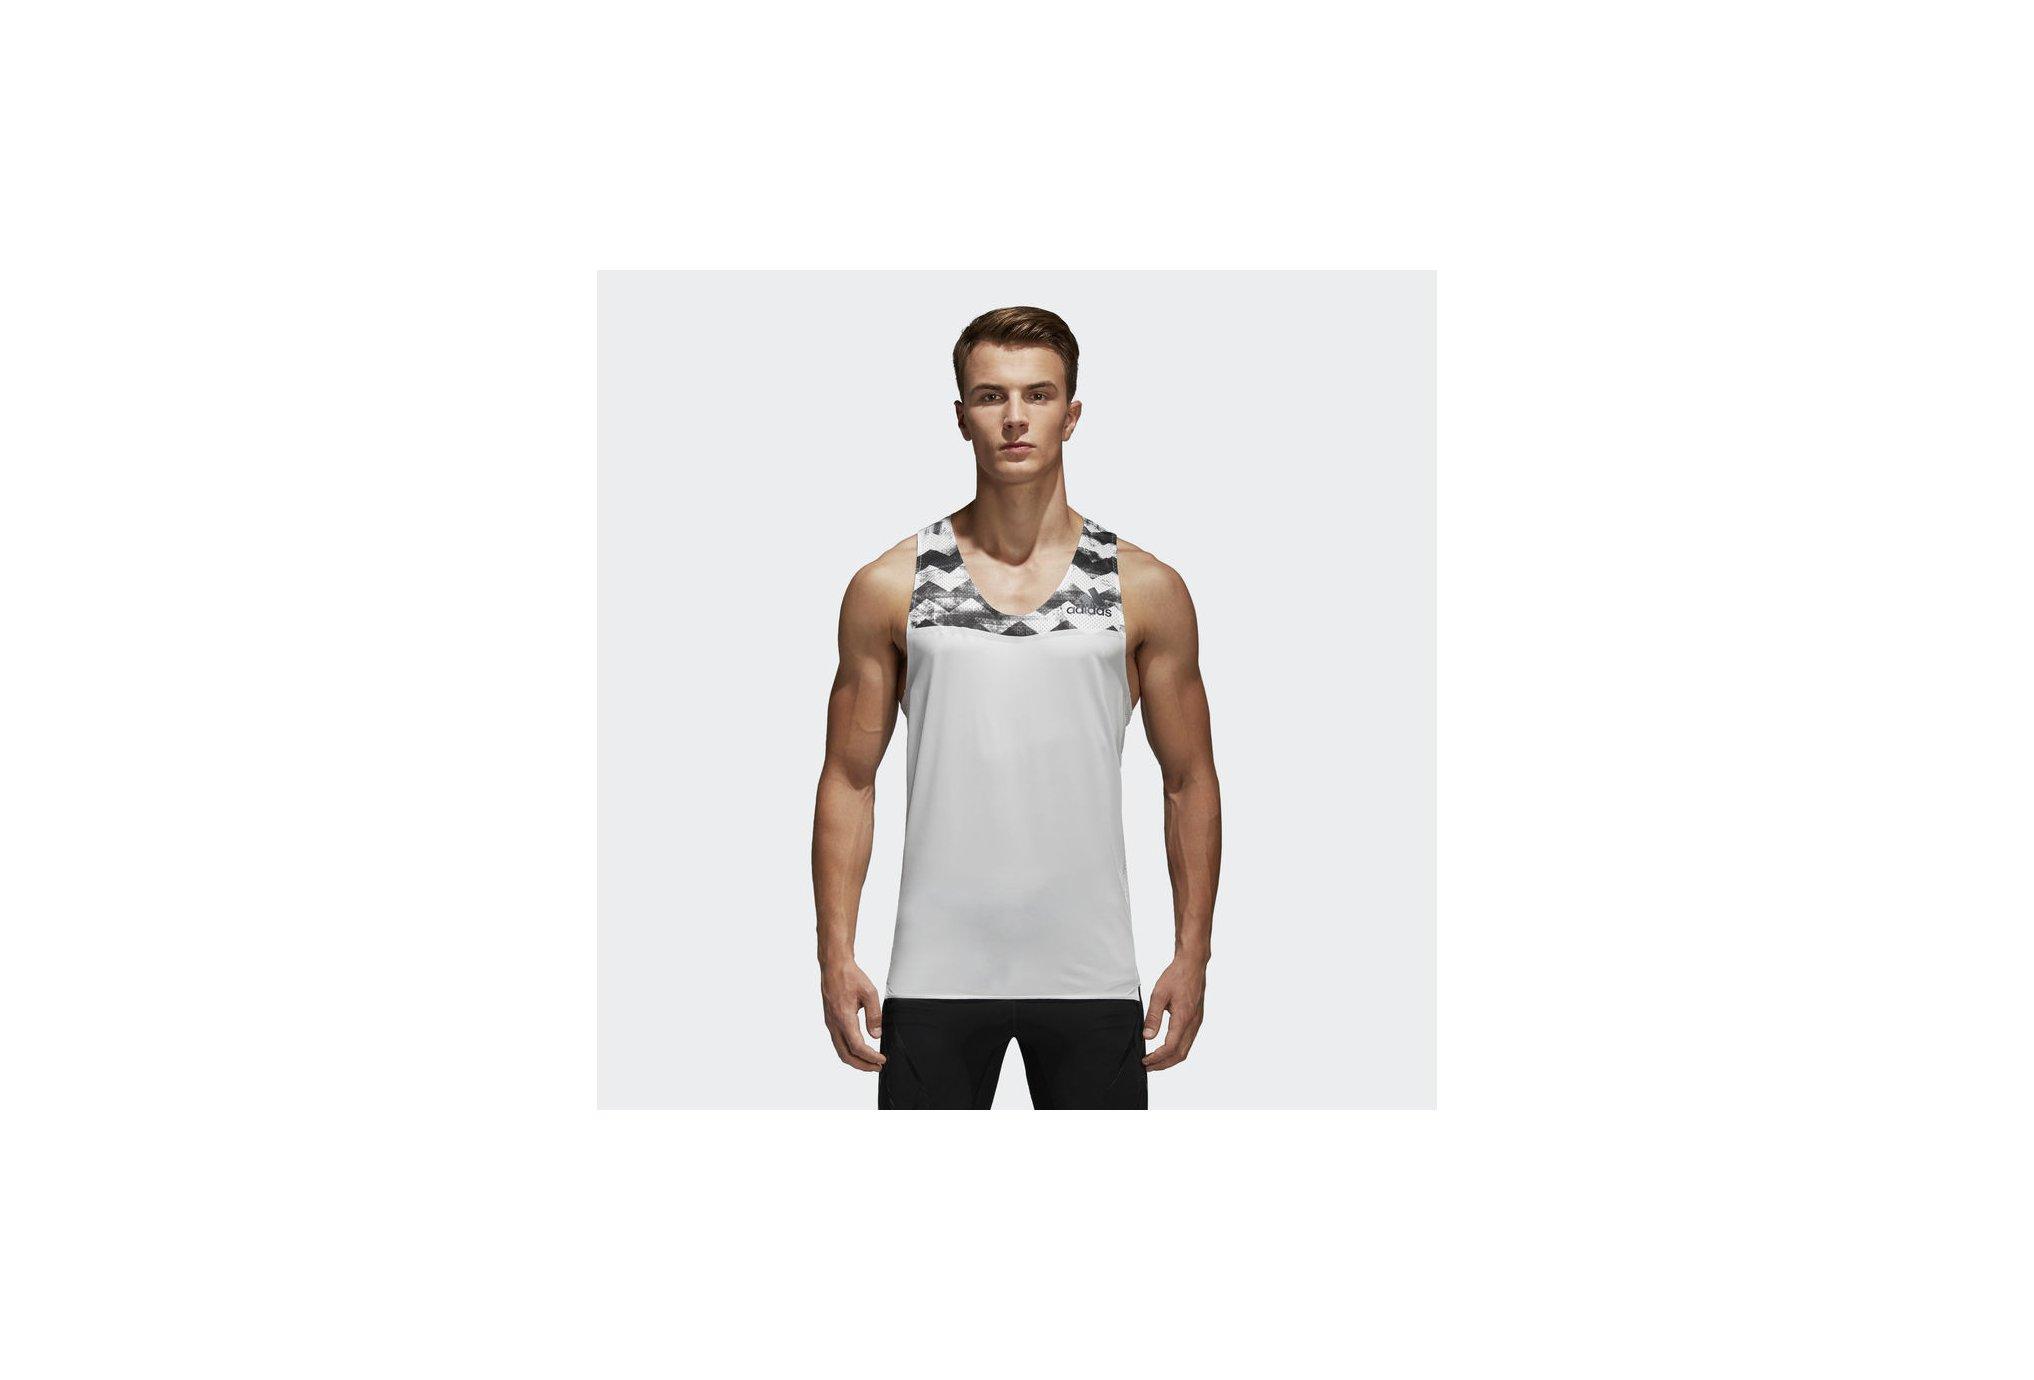 Adidas Adizero m diététique vêtements homme